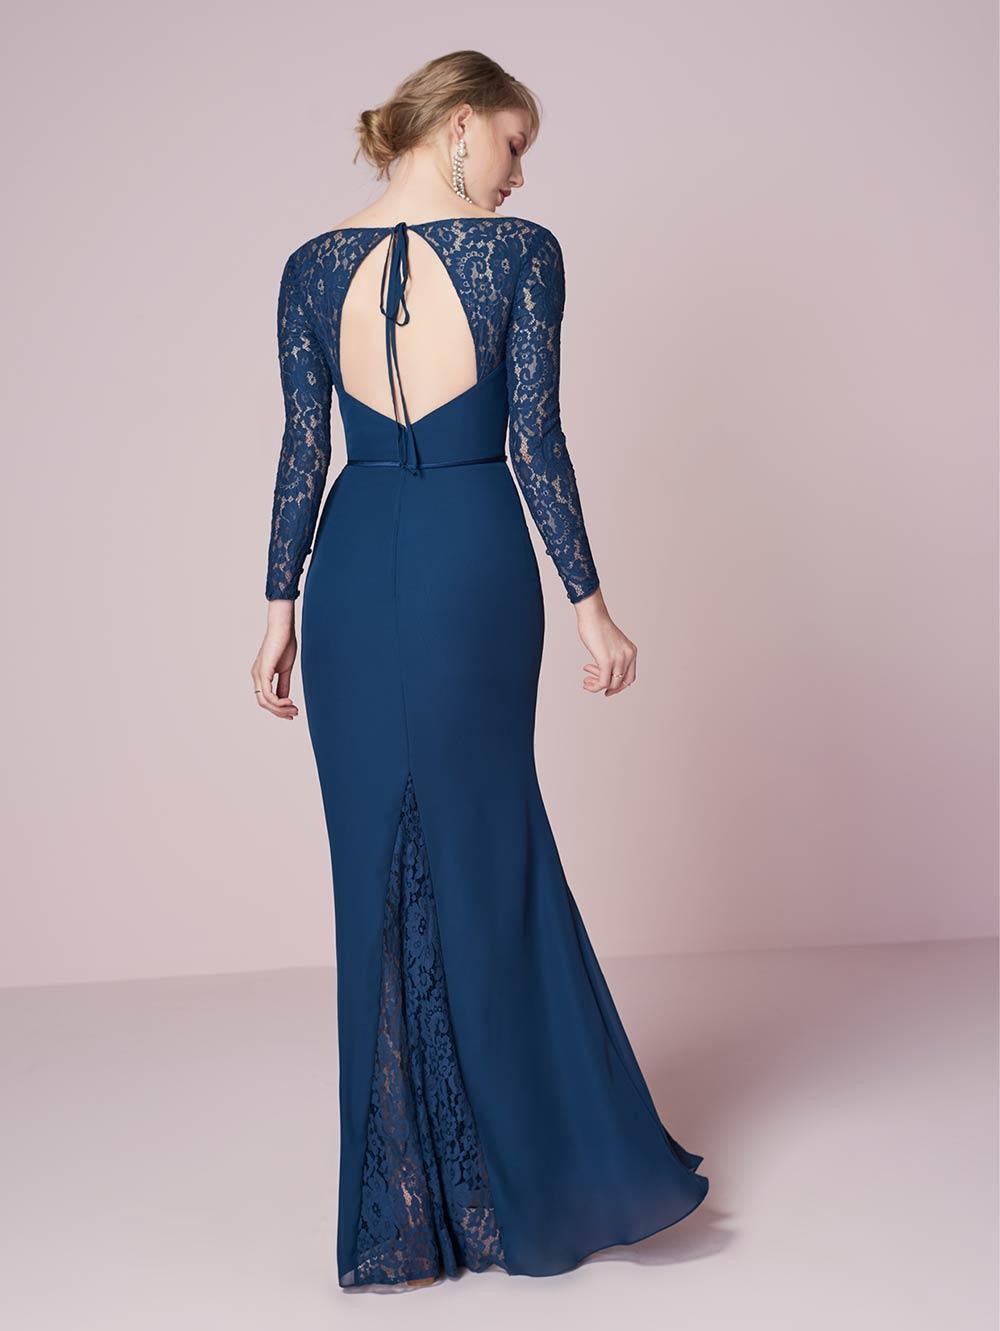 bridesmaid-dresses-jacquelin-bridals-canada-27764